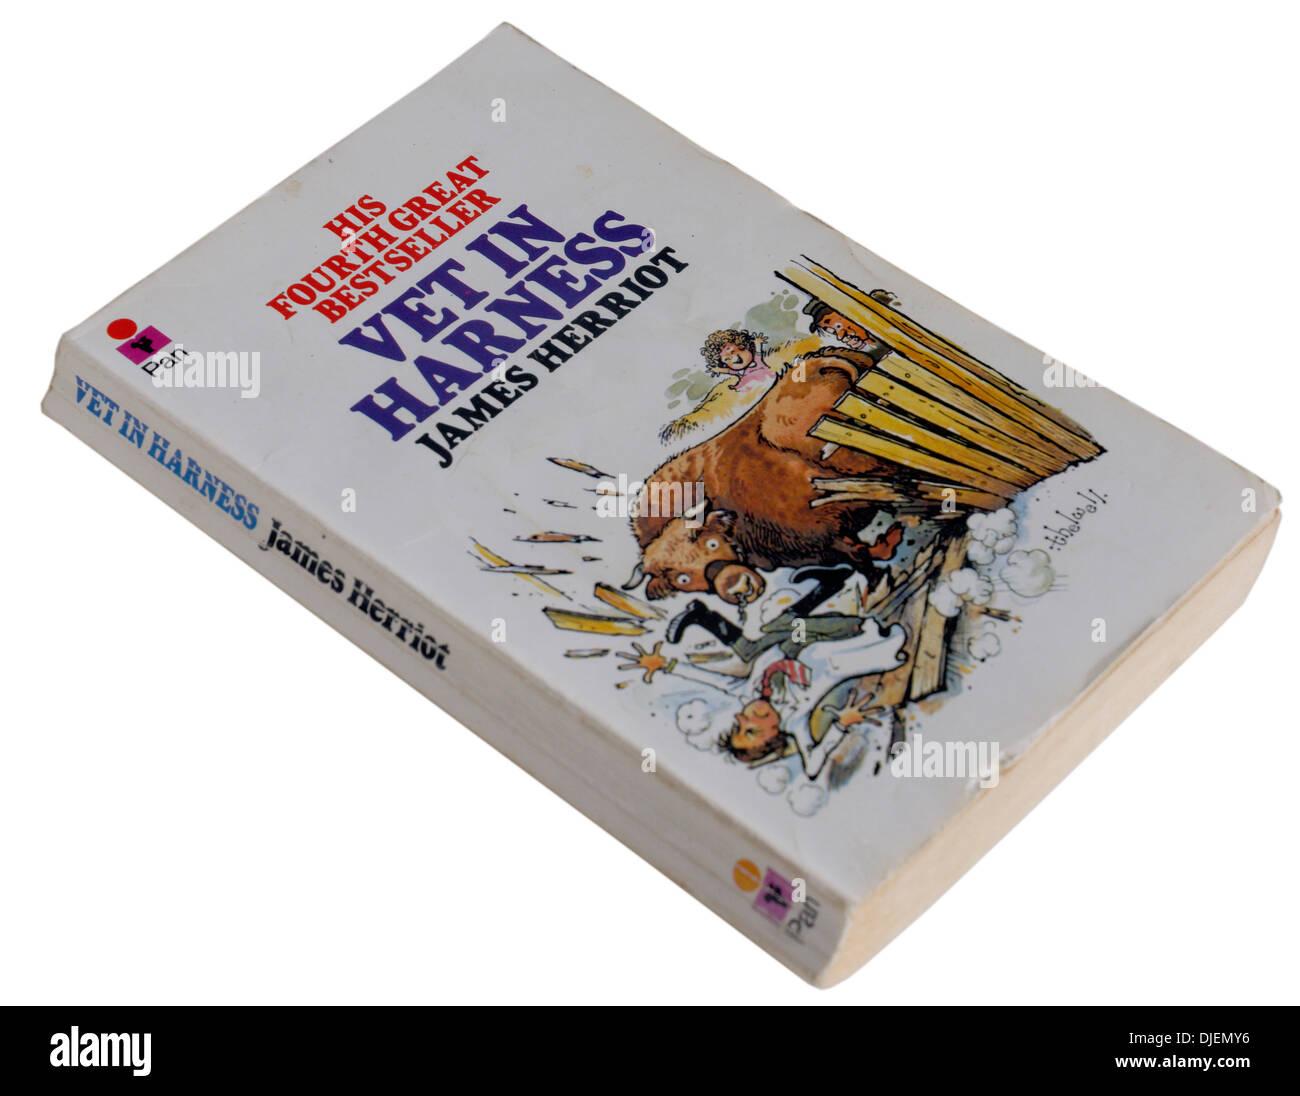 Vet in Harness by James Herriot - Stock Image